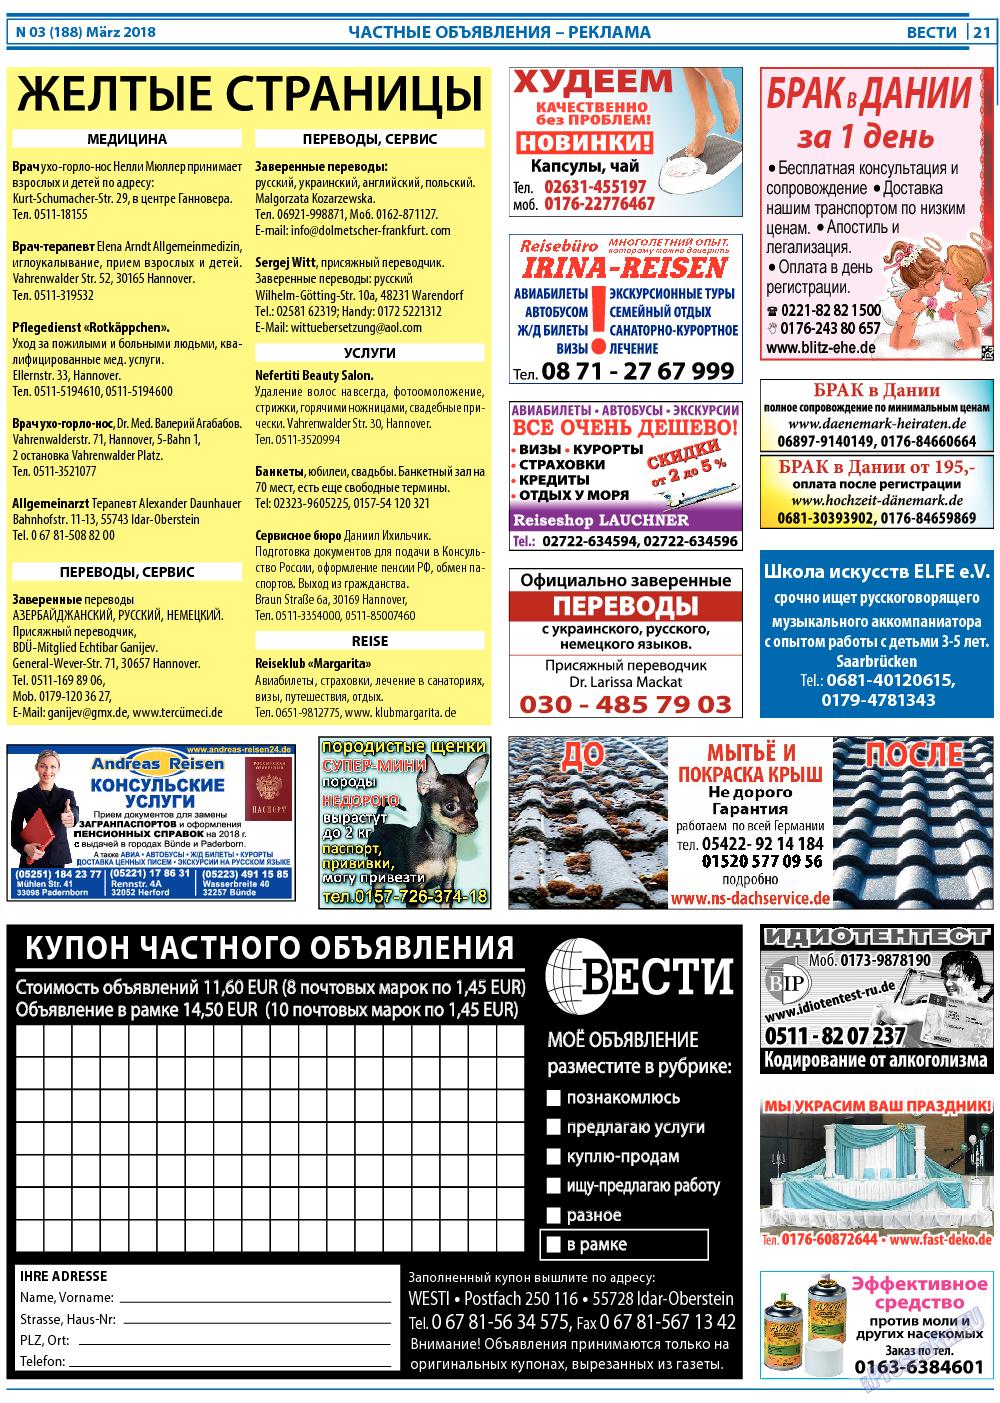 Вести (газета). 2018 год, номер 3, стр. 21